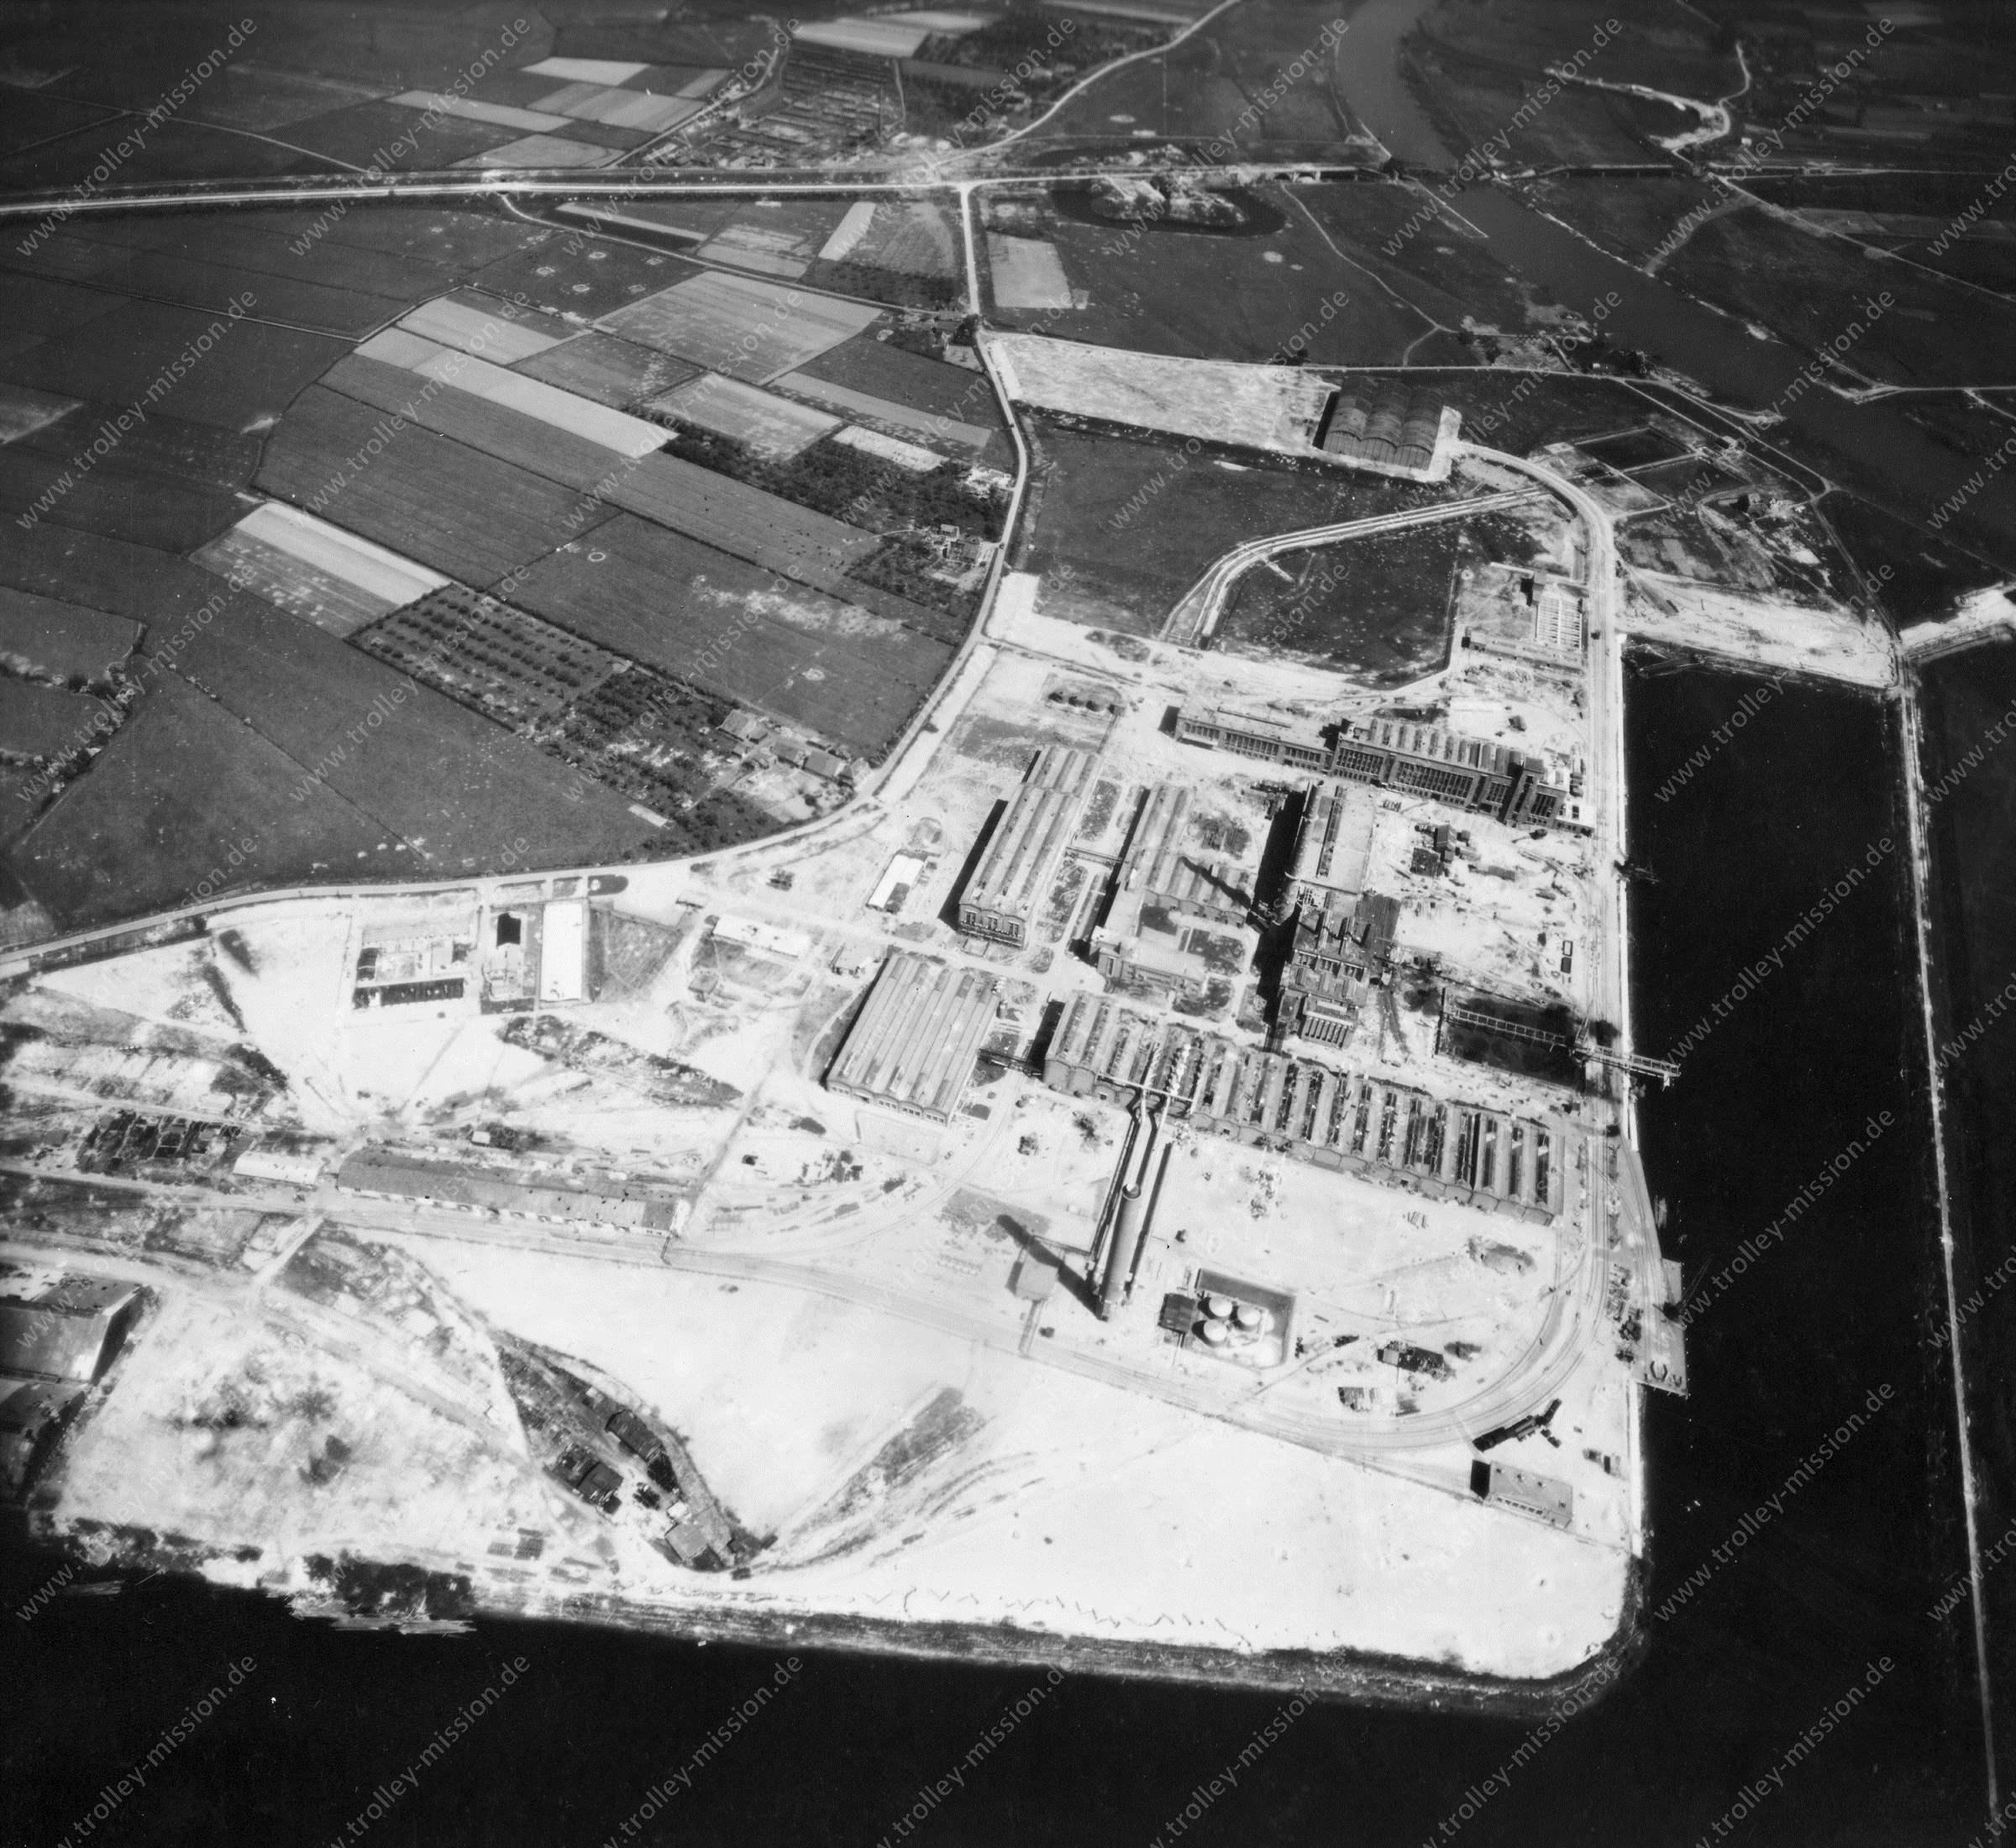 Nieuwe Haven Arnheim - Luftbild Mai 1945 - Luftbildserie 3/5 der US Air Force (Niederlande)